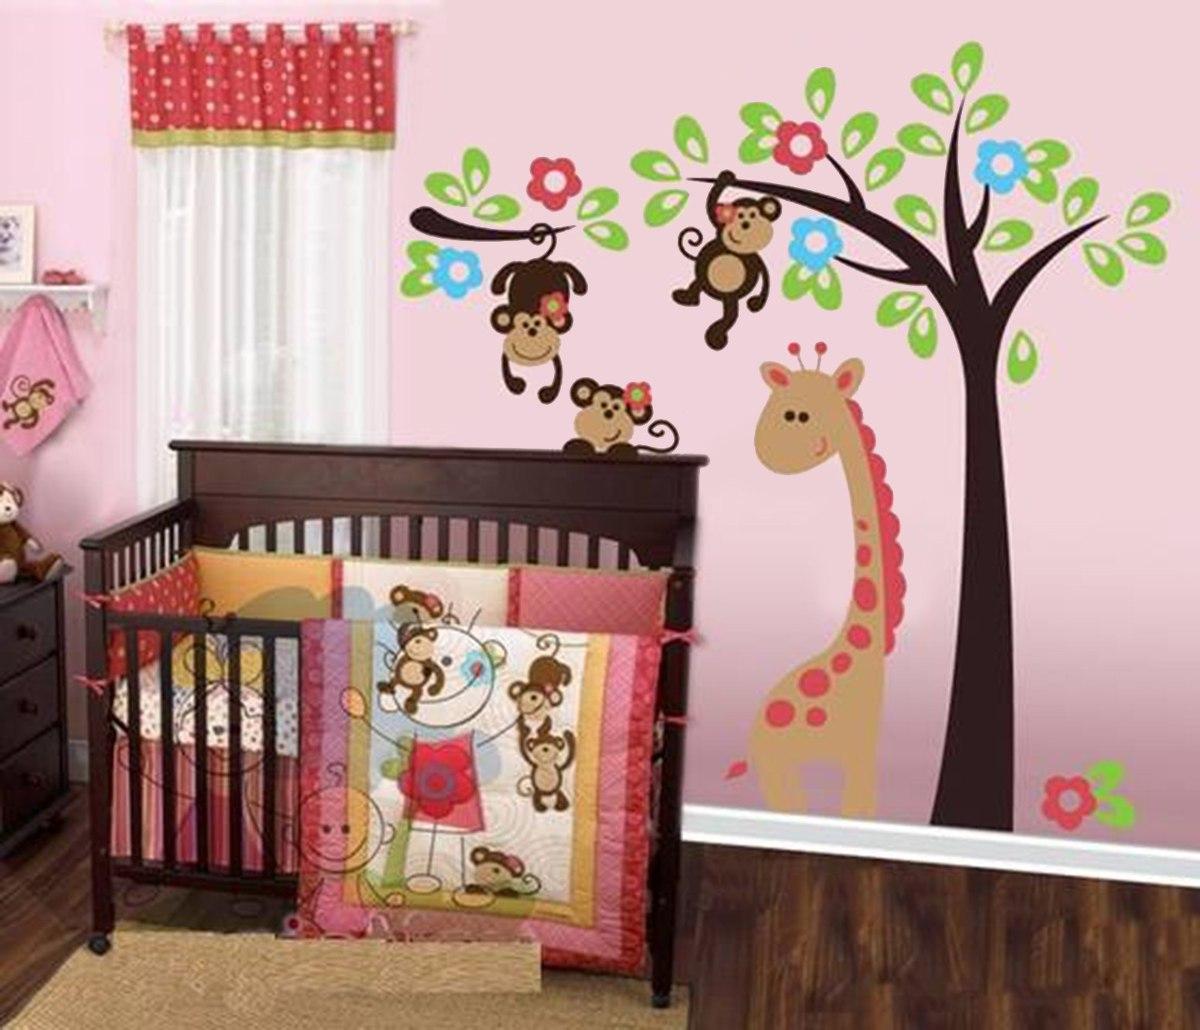 Vinilos decorativos grandes bebes cuartos infantiles cali for Vinilos cuartos bebe